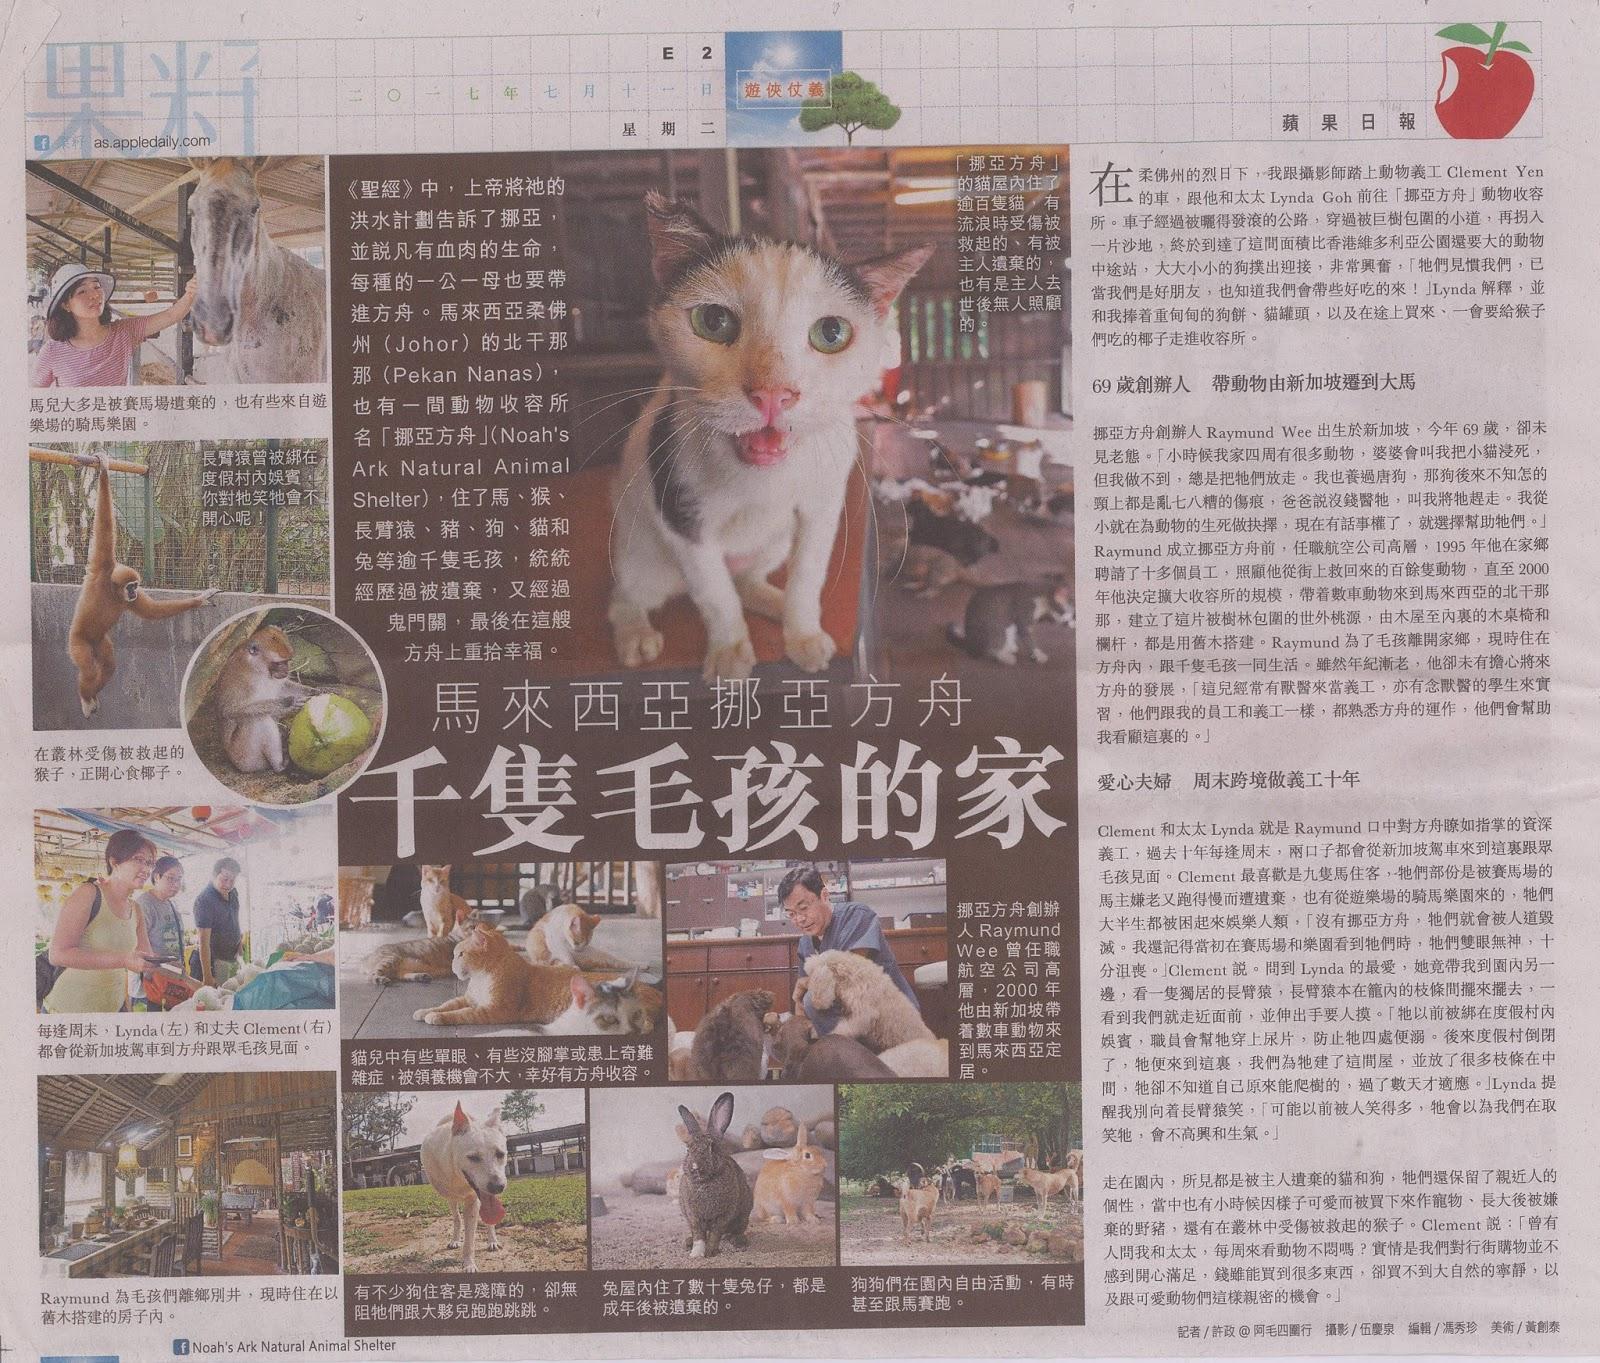 Noah S Ark Natural Animal Sanctuary Pekan Nanas Johor Malaysia